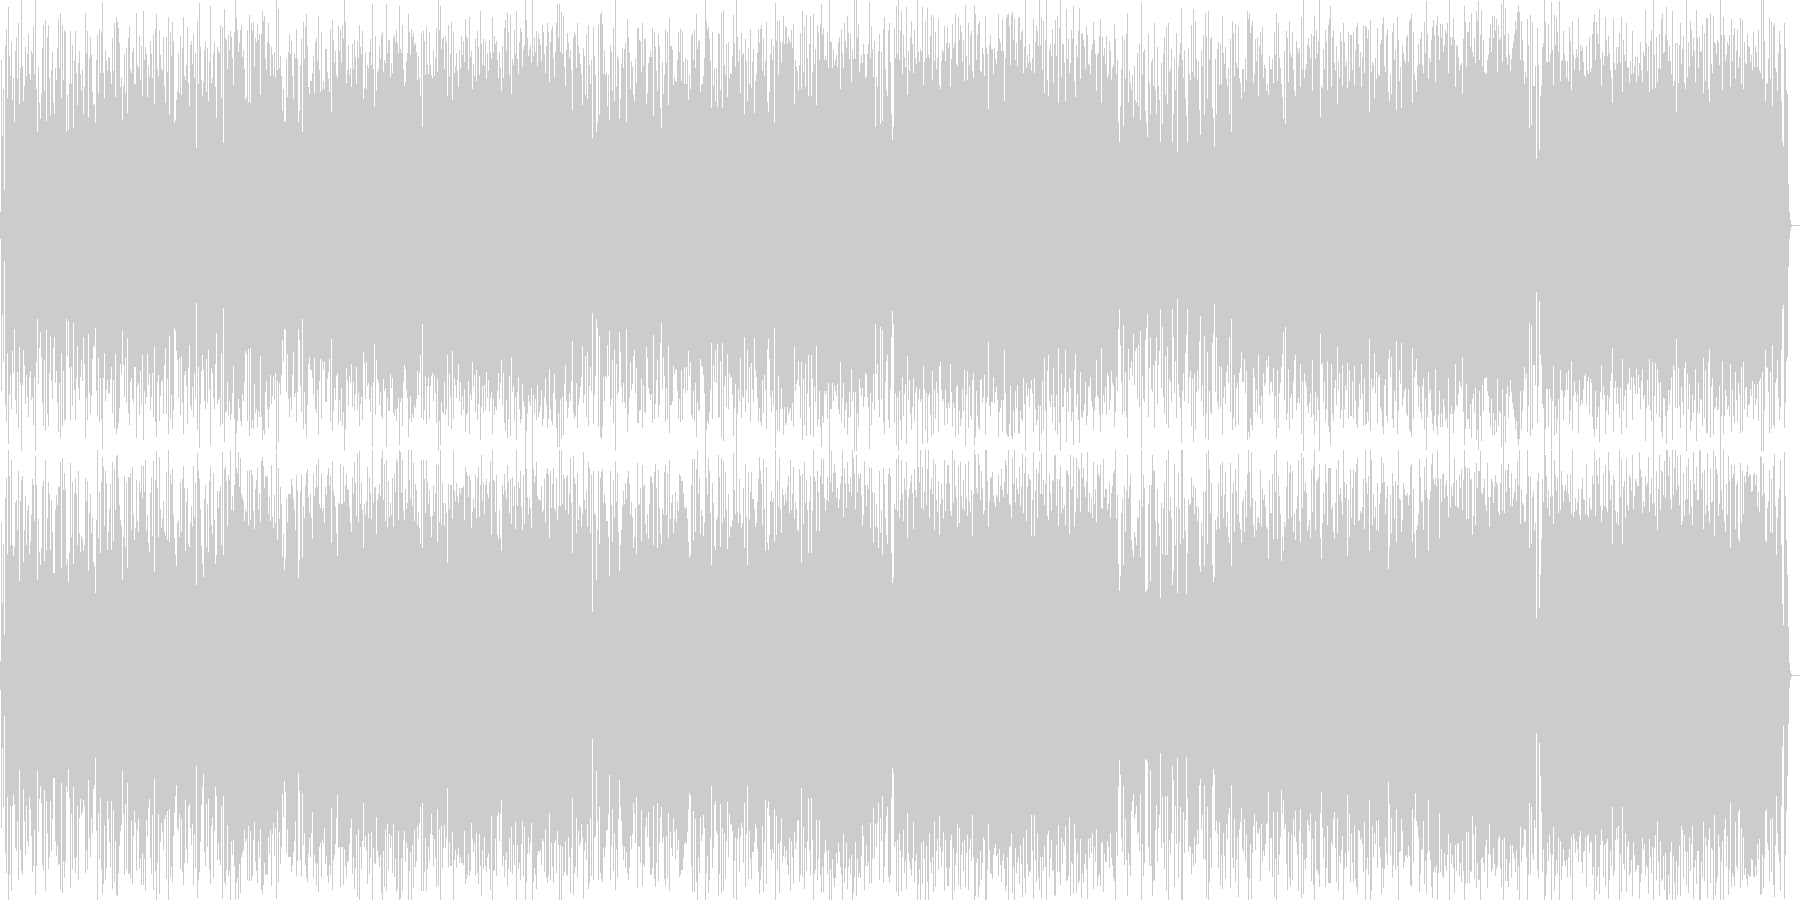 ギターによるにぎやかポップロックの未再生の波形